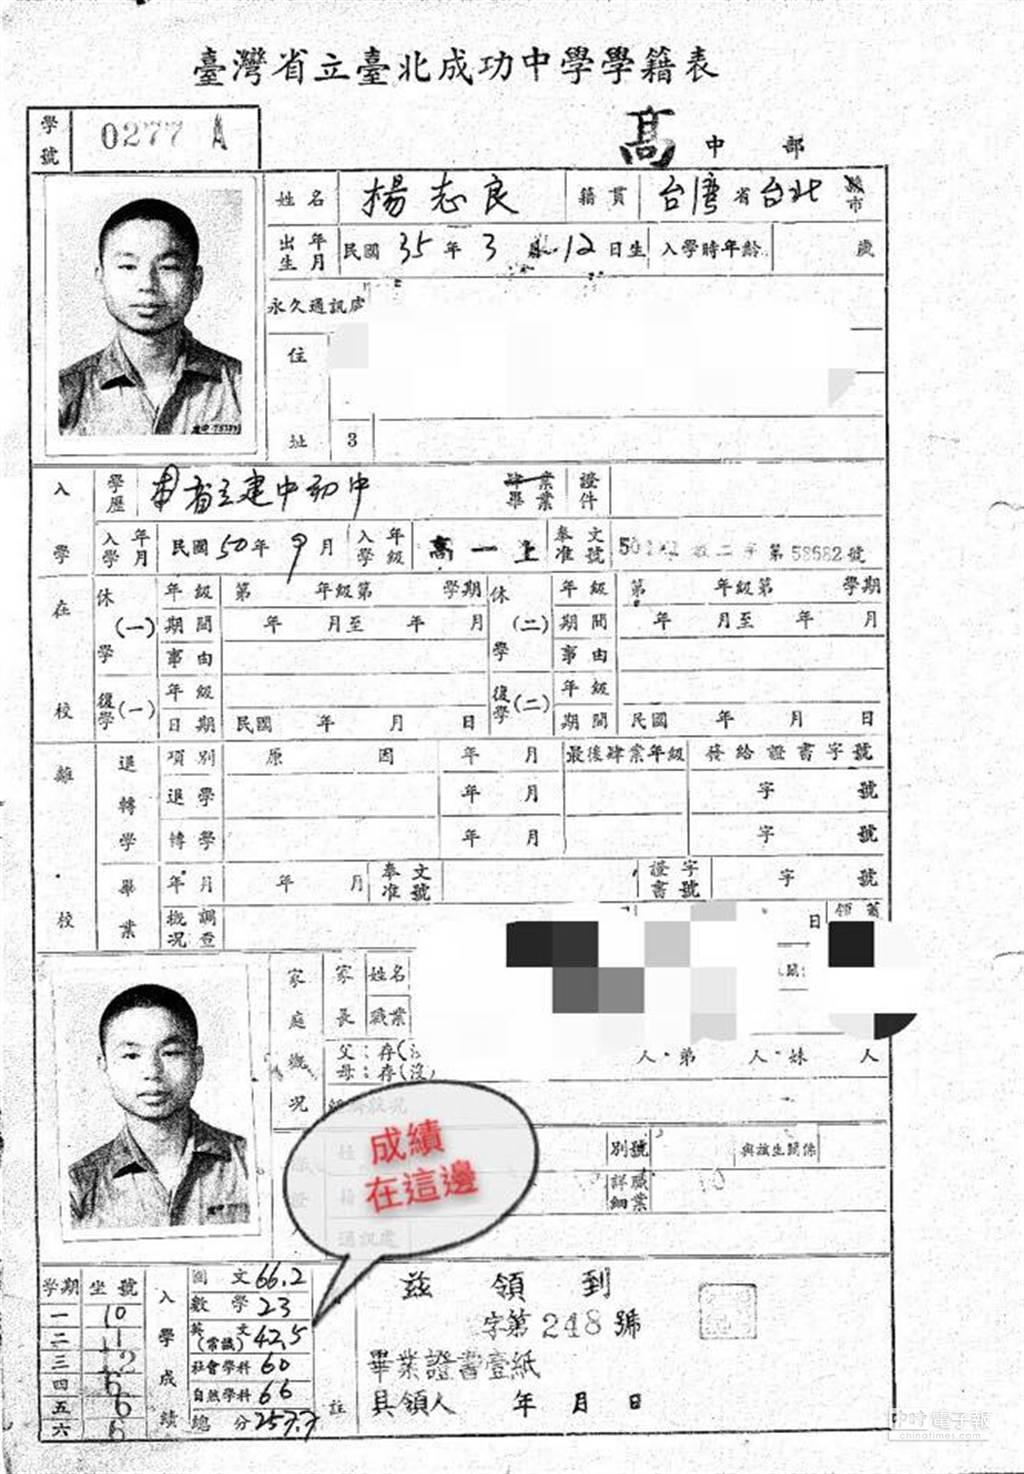 楊志良高中入學成績單數學23分、英文42.5分,都不及格。社會、自然勉強及格,國文也只有66.2分。(翻攝自楊志良臉書)